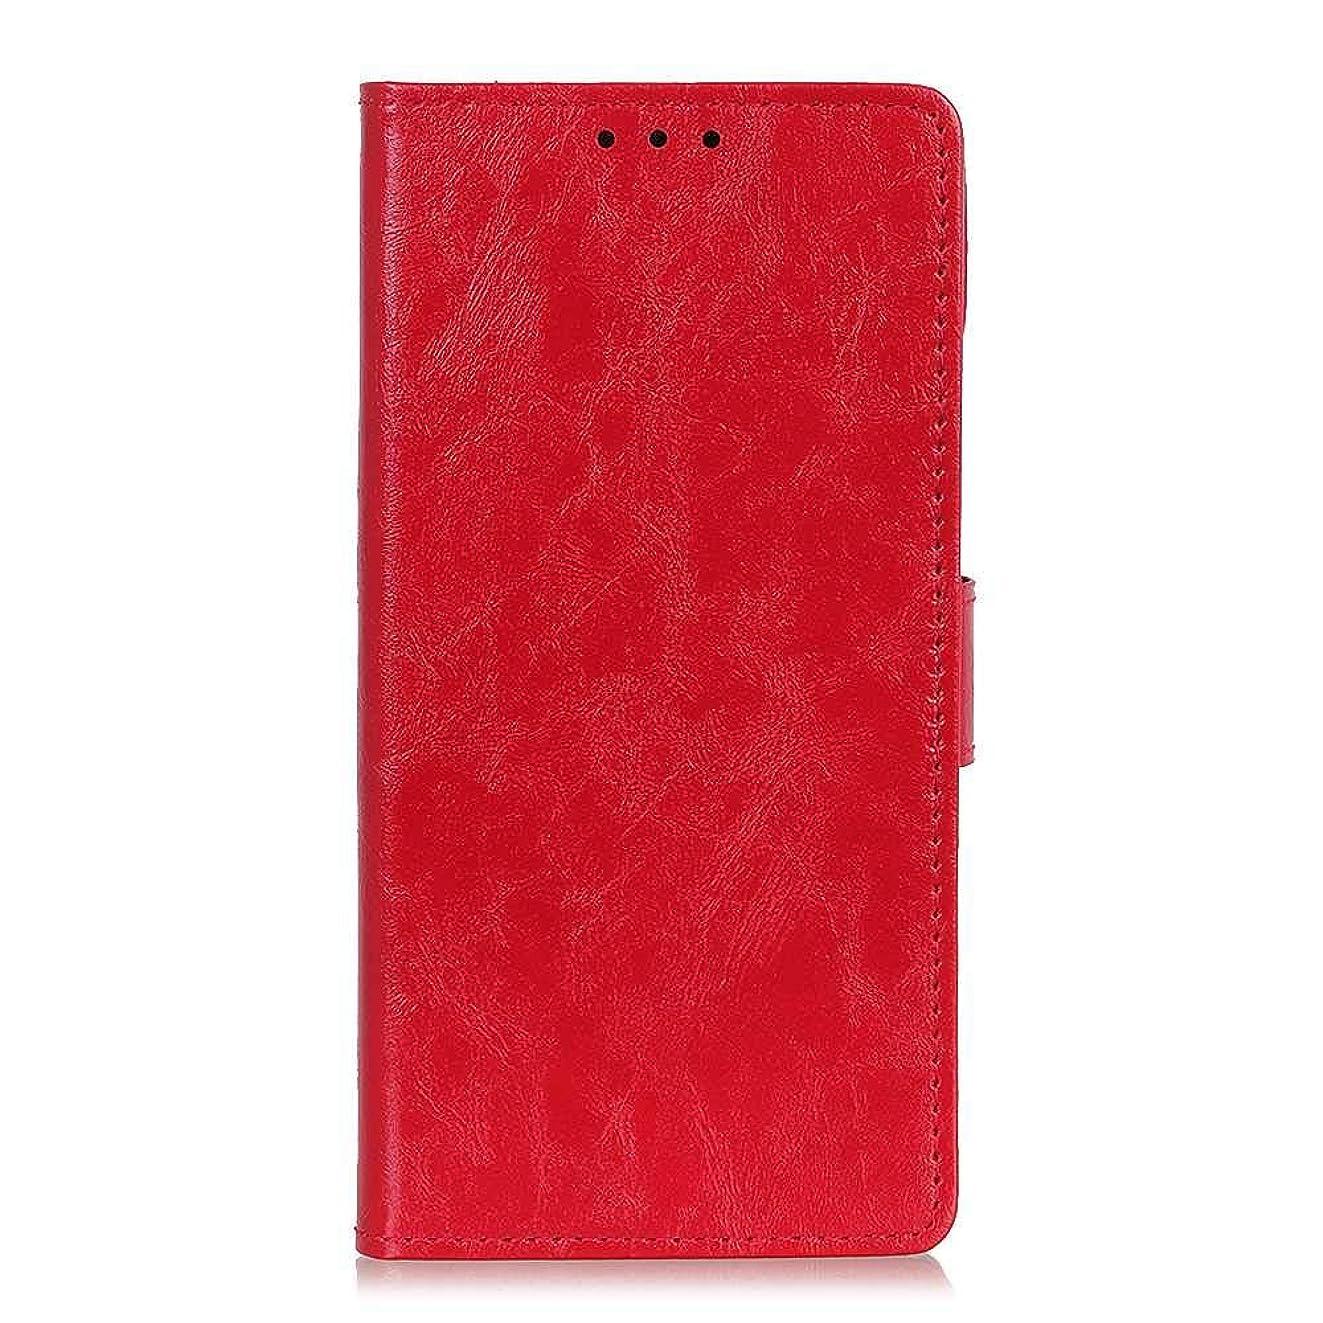 リスキーなこんにちは鮫CUNUS 高品質 新品 ケース, 柔軟 合皮レザー ケース, 超薄型 軽量 耐汚れ カード収納 カバー Xiaomi Redmi Note 4X 用, レッド